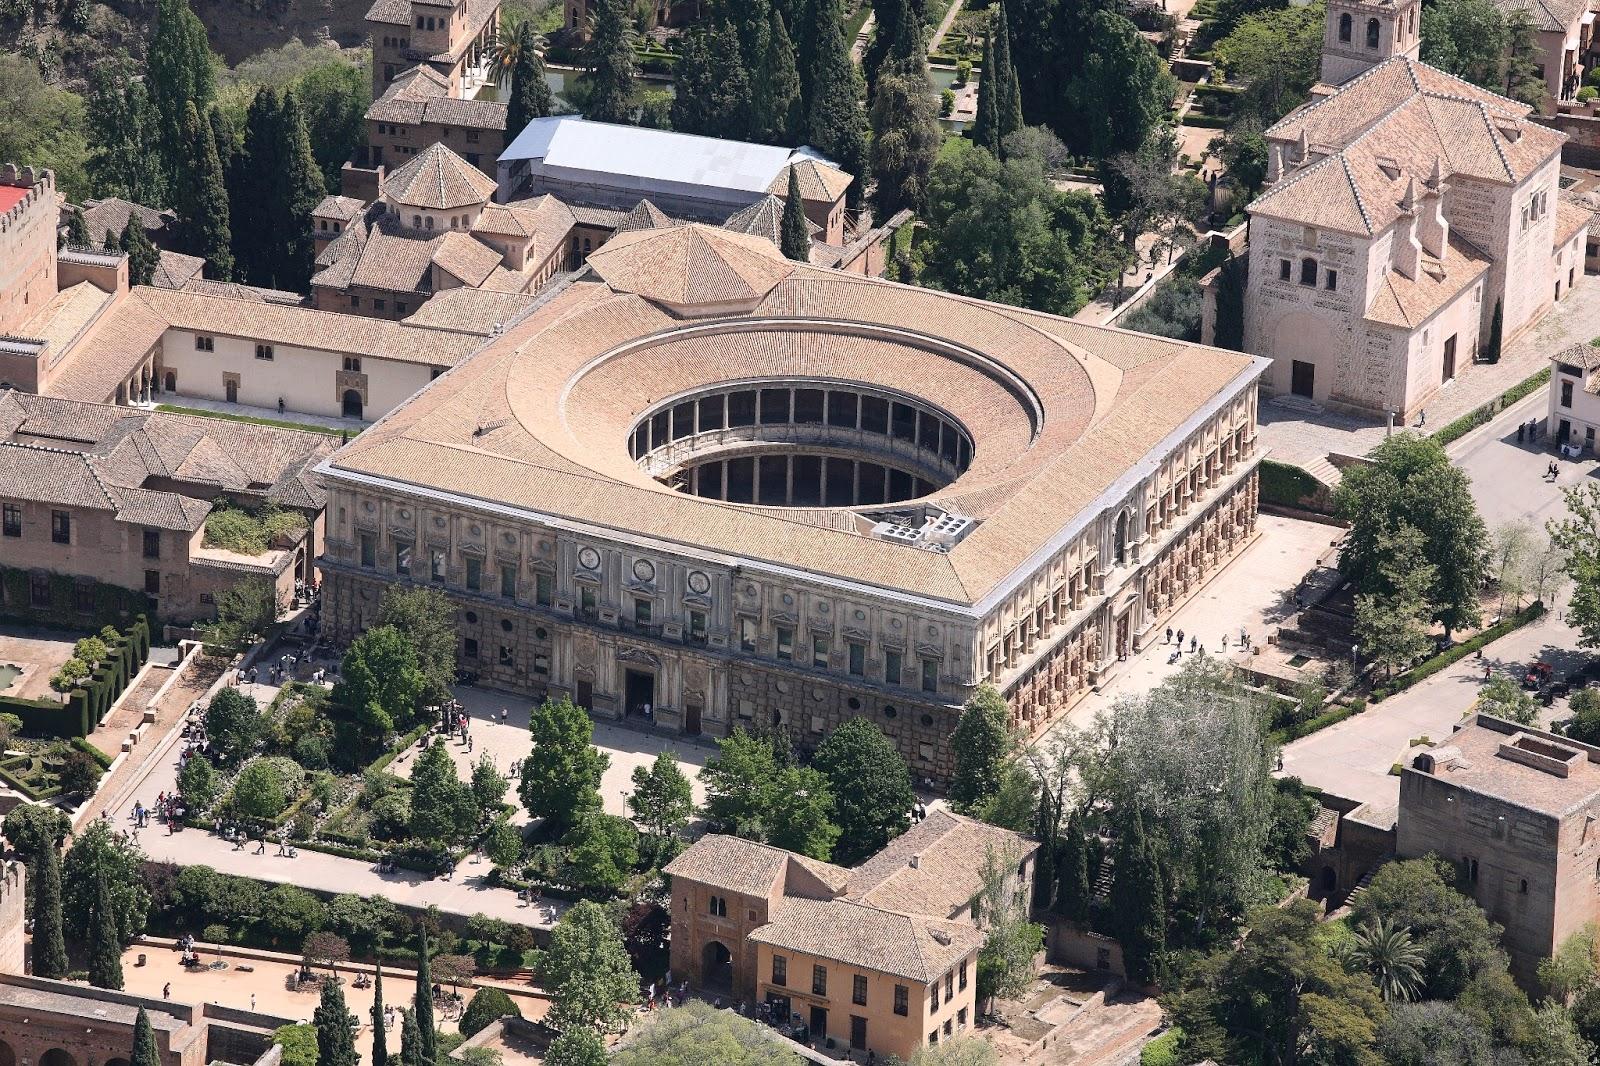 ¿Quieres saber el itinerario perfecto para ver la Alhambra de Granada?